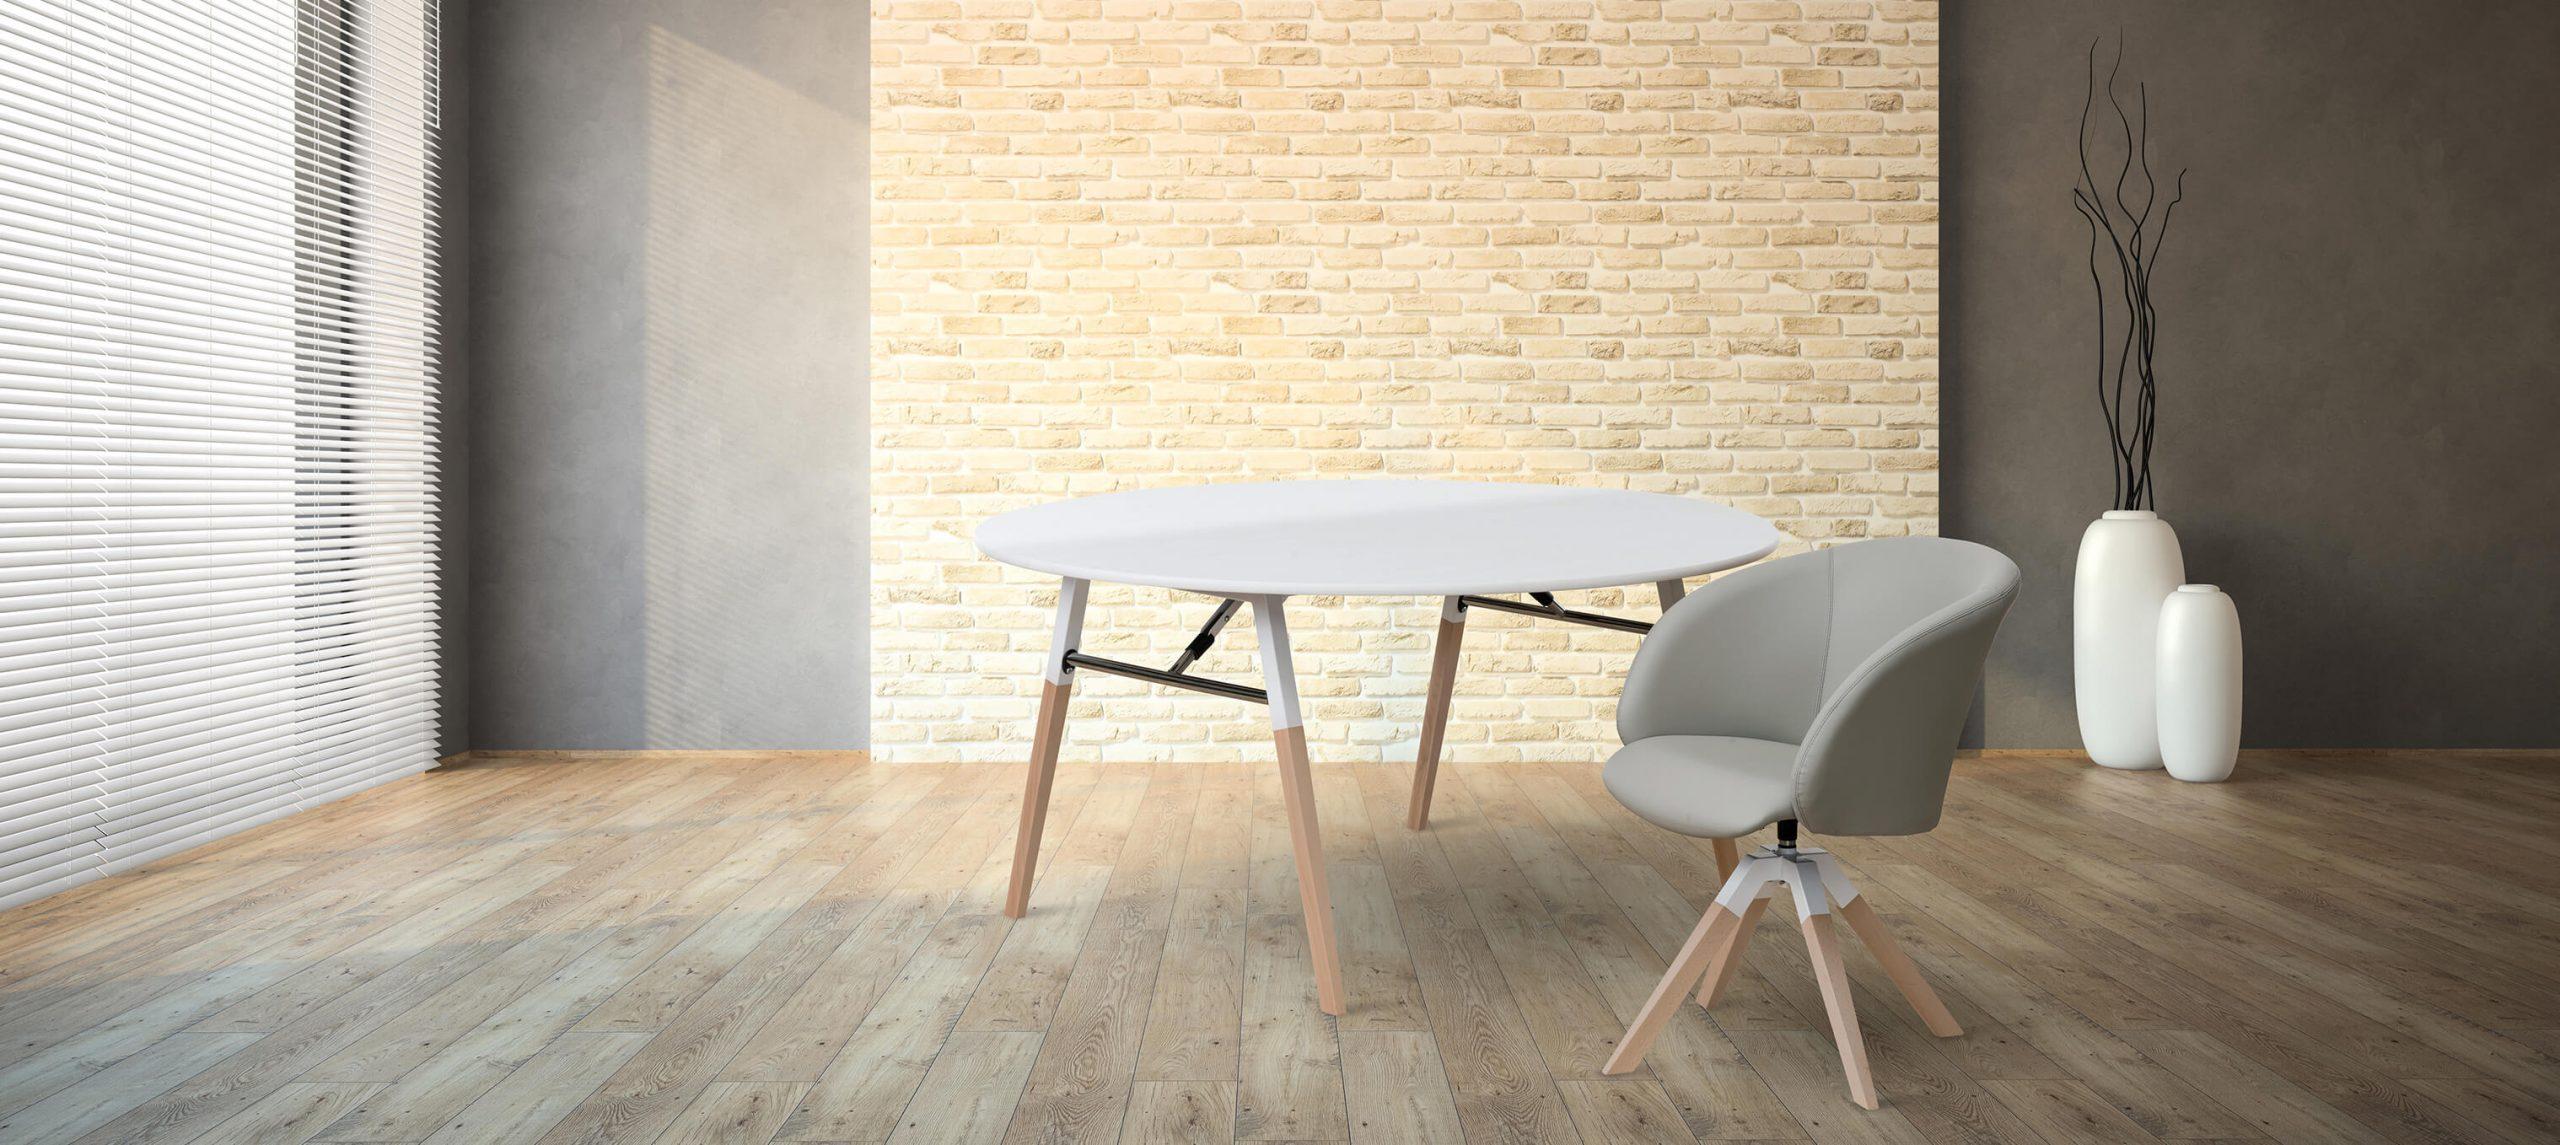 A-fold Cream Brick Wall Empty Room